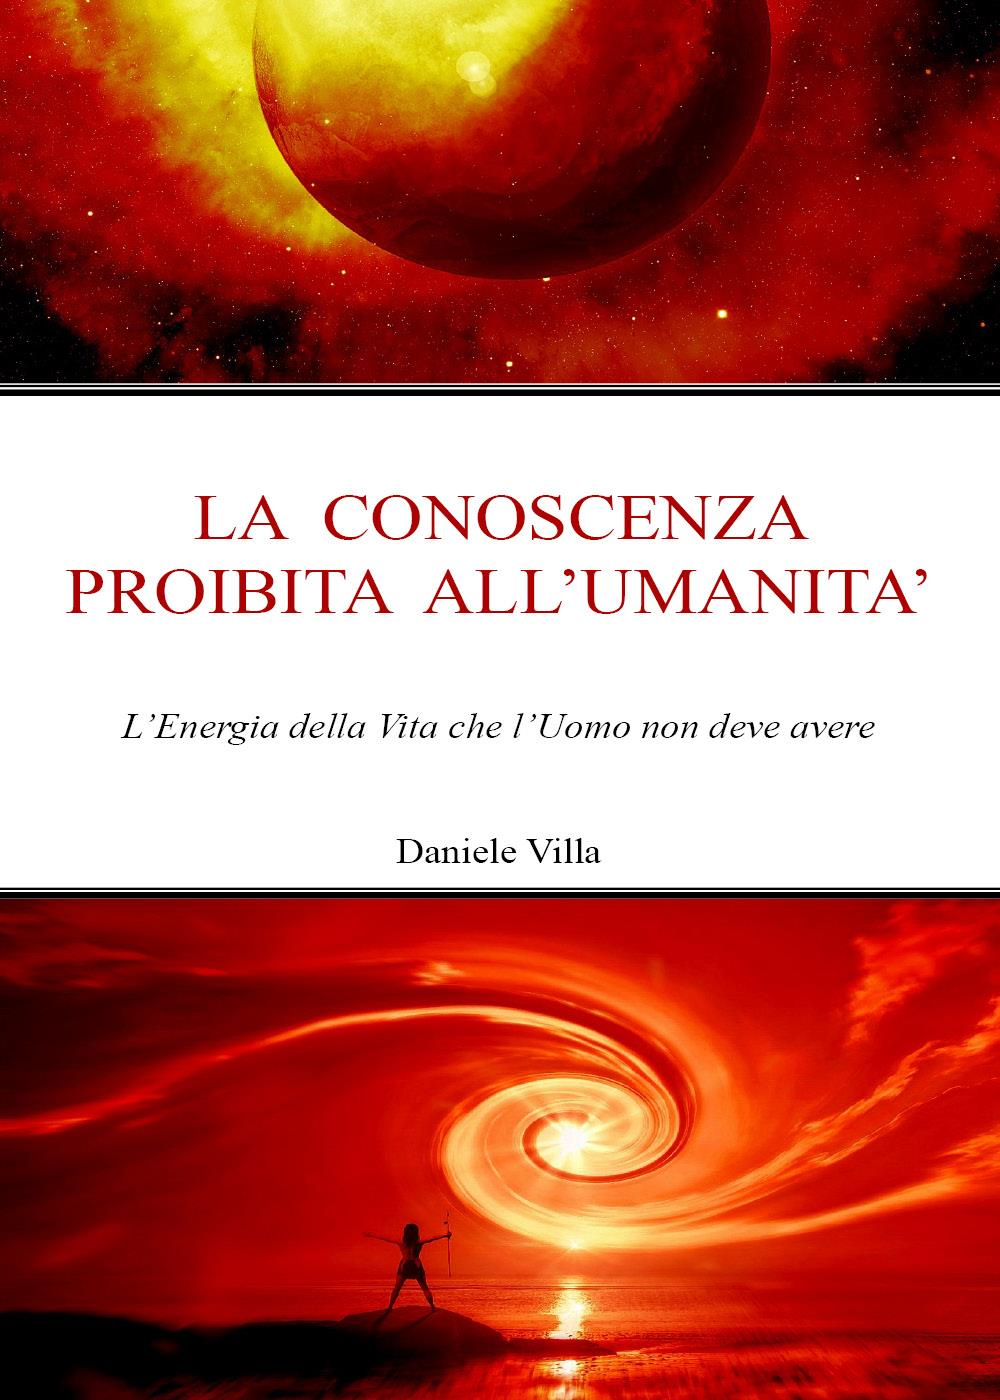 La conoscenza proibita all'Umanità